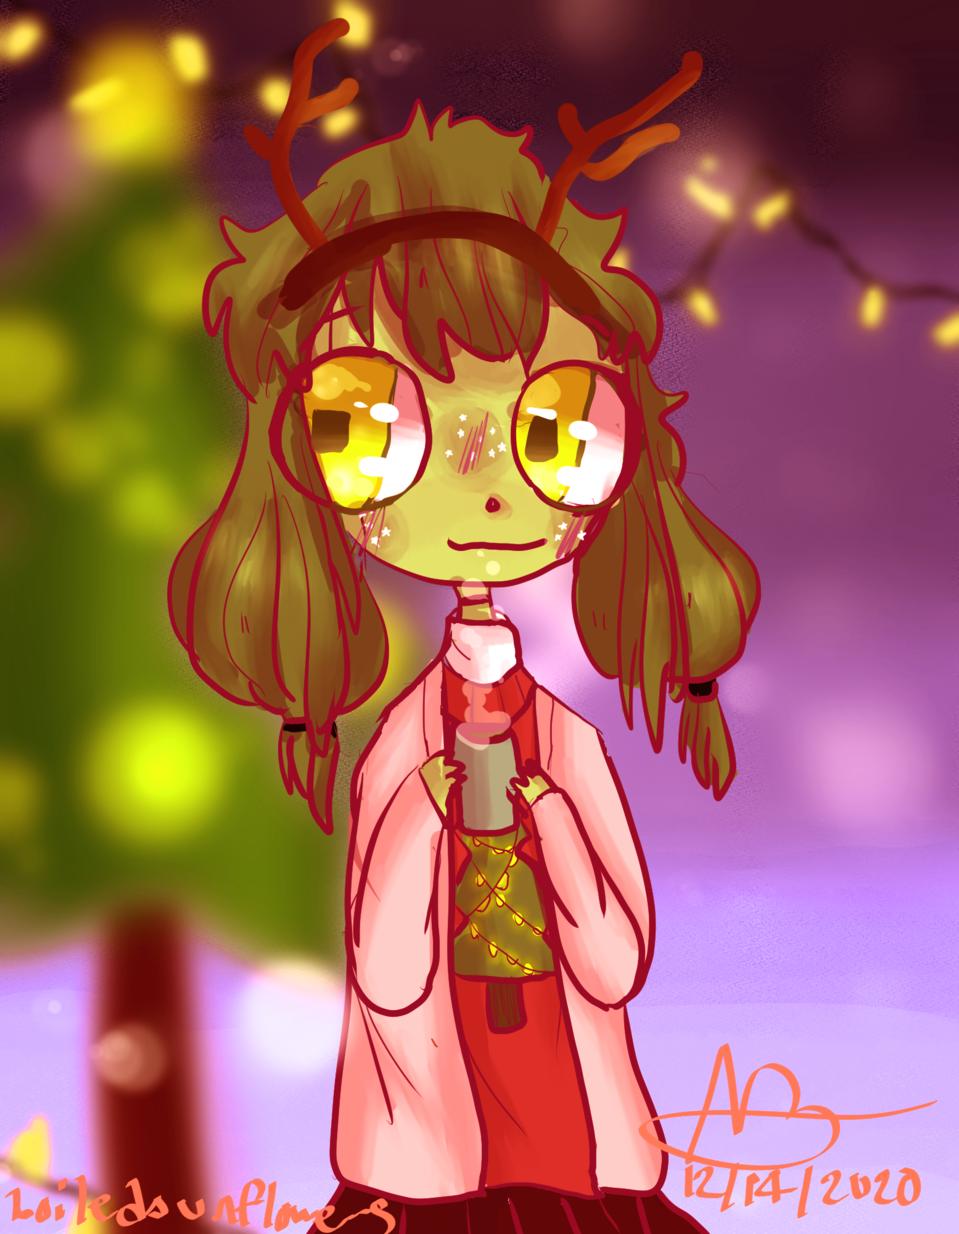 cherry says merry christmas :00 🎅 ❄️ 🎁 🦌 🎄⛄ Illust of boiledsunflowers art friend CLIPSTUDIOPAINT alien medibangpaint anime illustration characterdesign oc manga